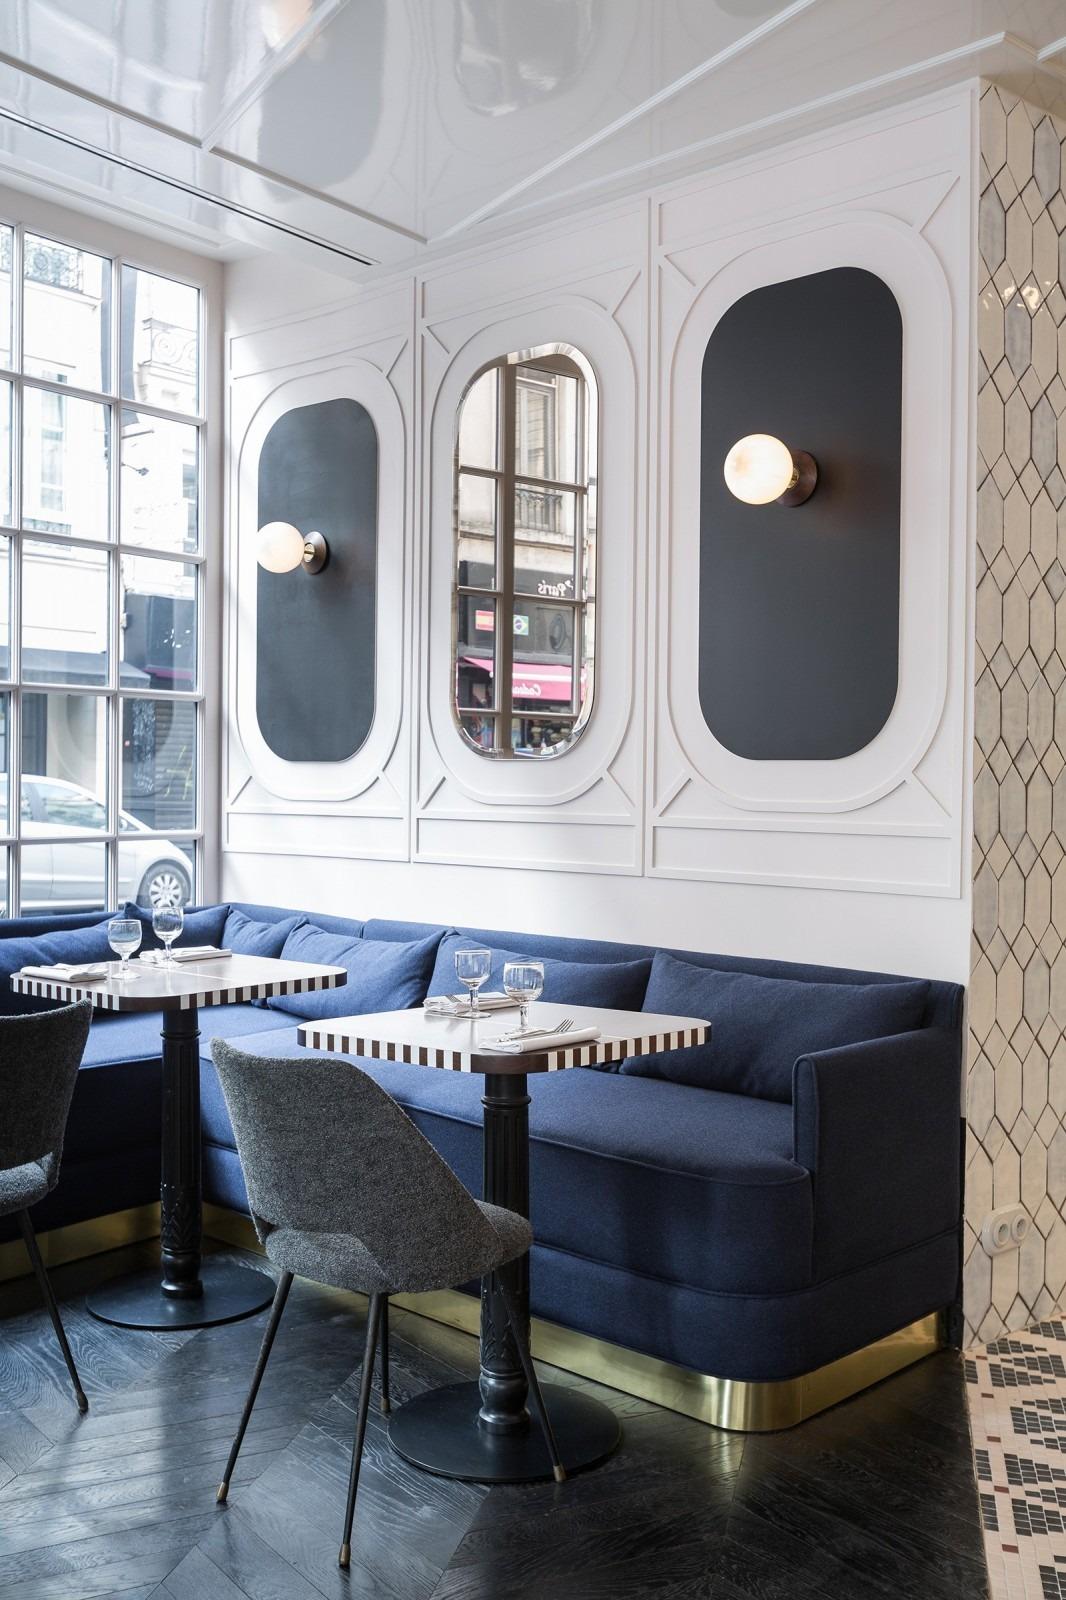 Hotel Panache, one of the best restaurants in Paris